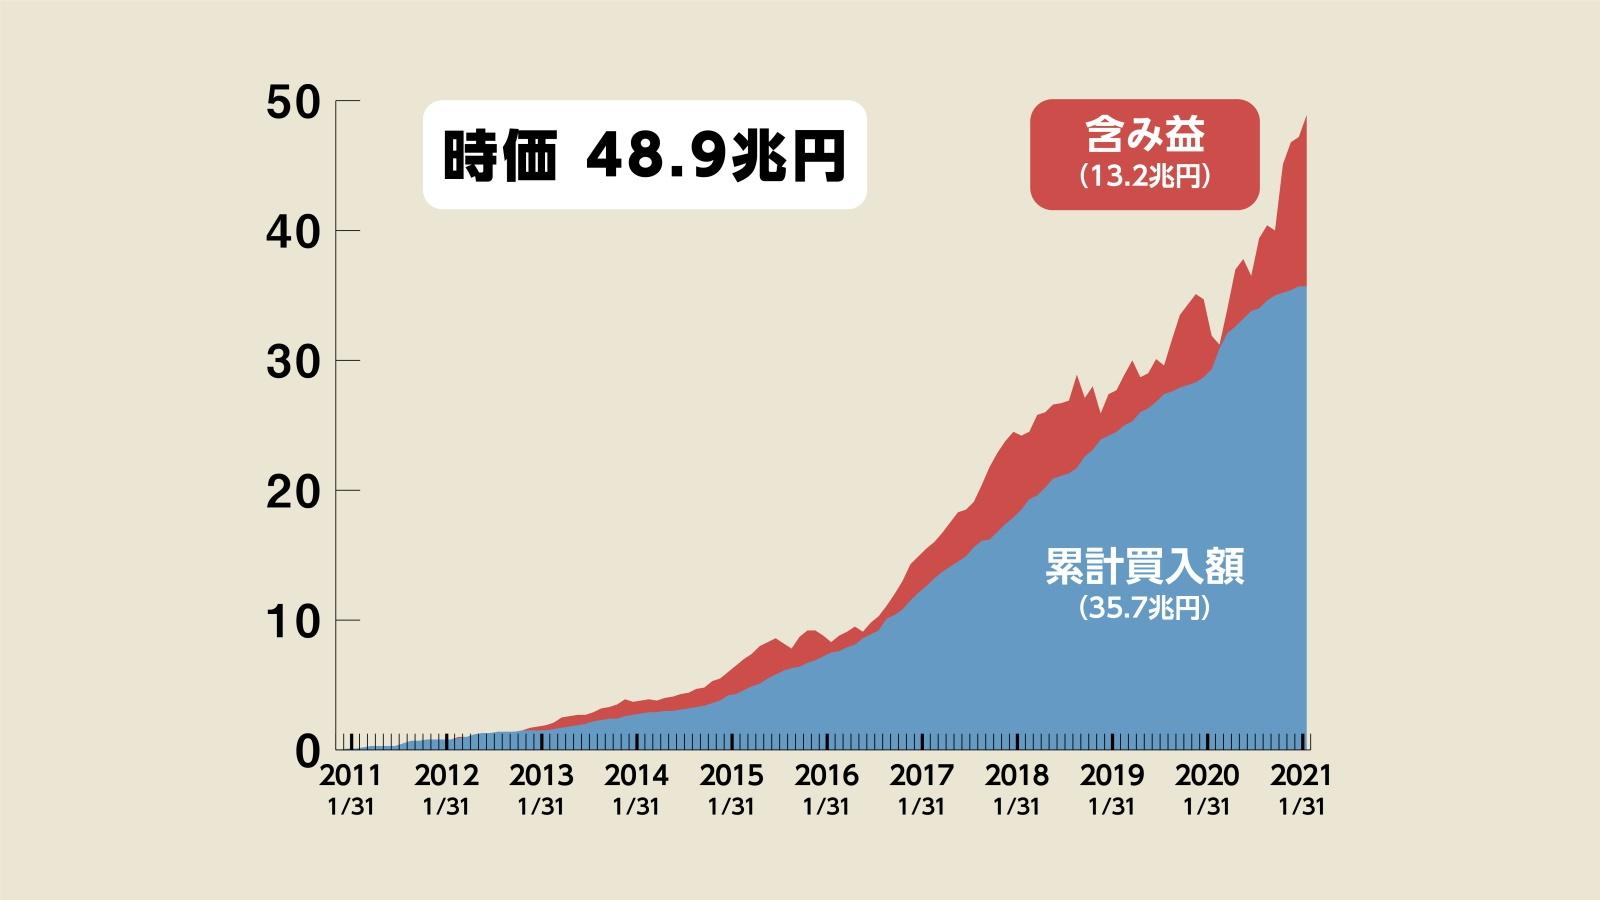 買い入れ 結果 etf 日銀 日銀ETF買い入れ結果(2010年~2011年)